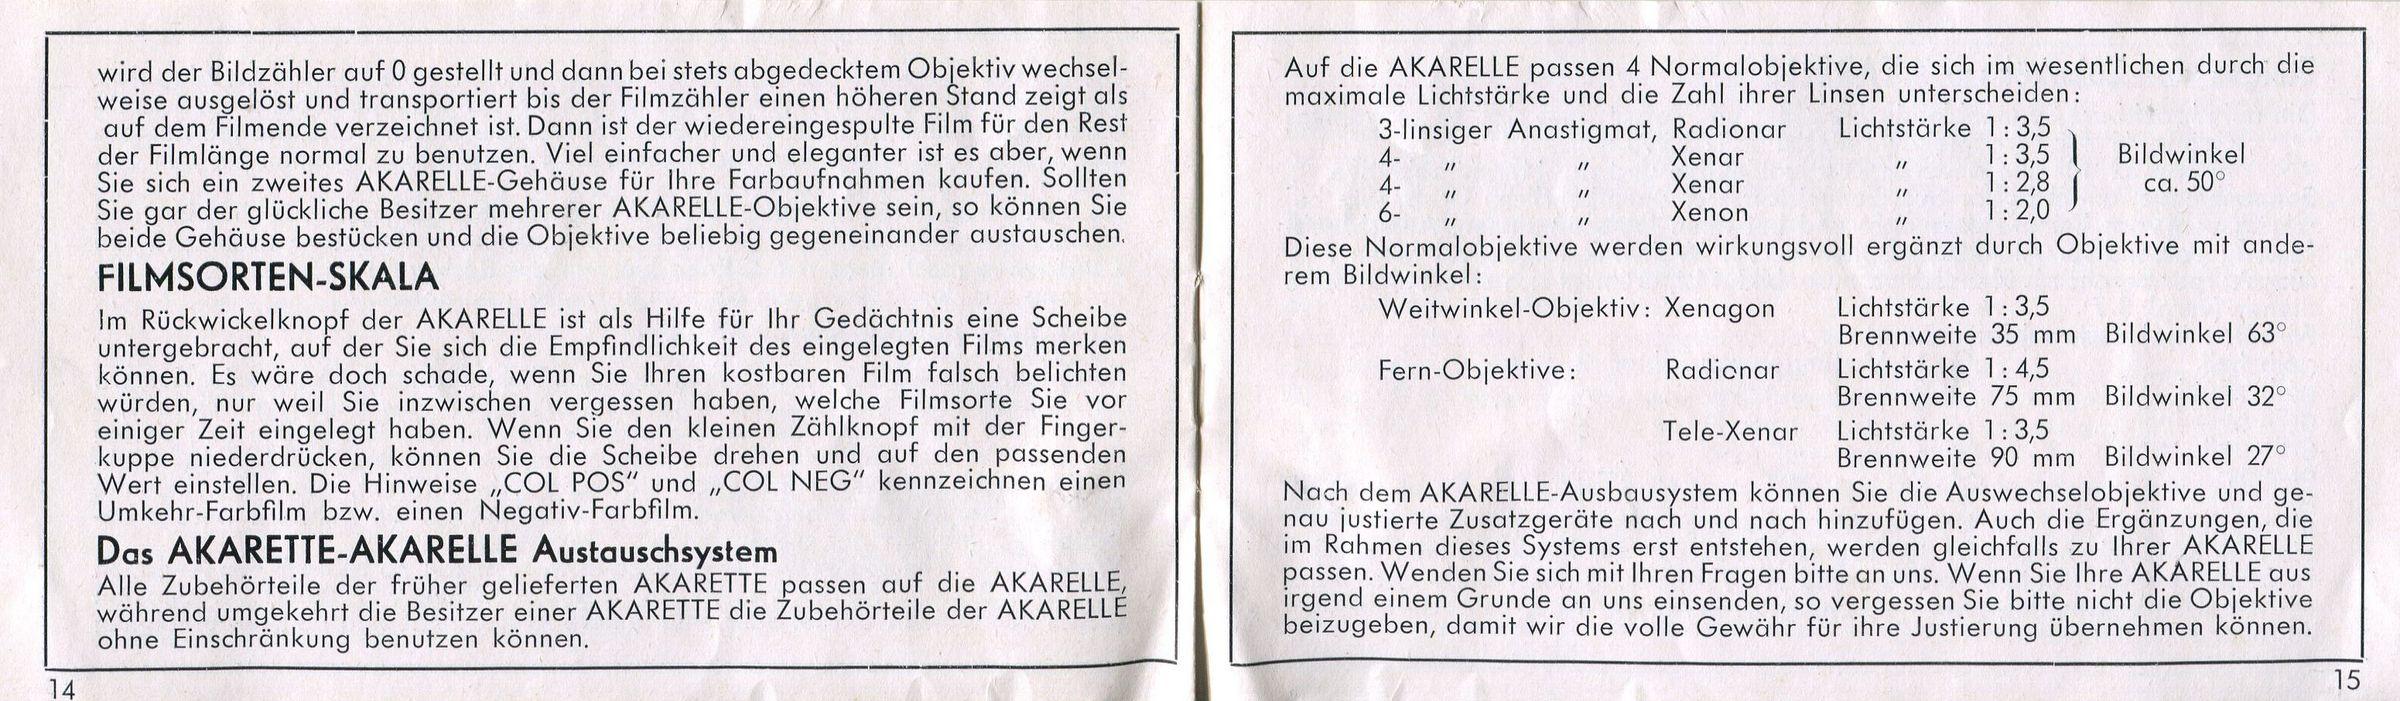 Ausgezeichnet Gebrauchsanleitung Ideen - FORTSETZUNG ARBEITSBLATT ...